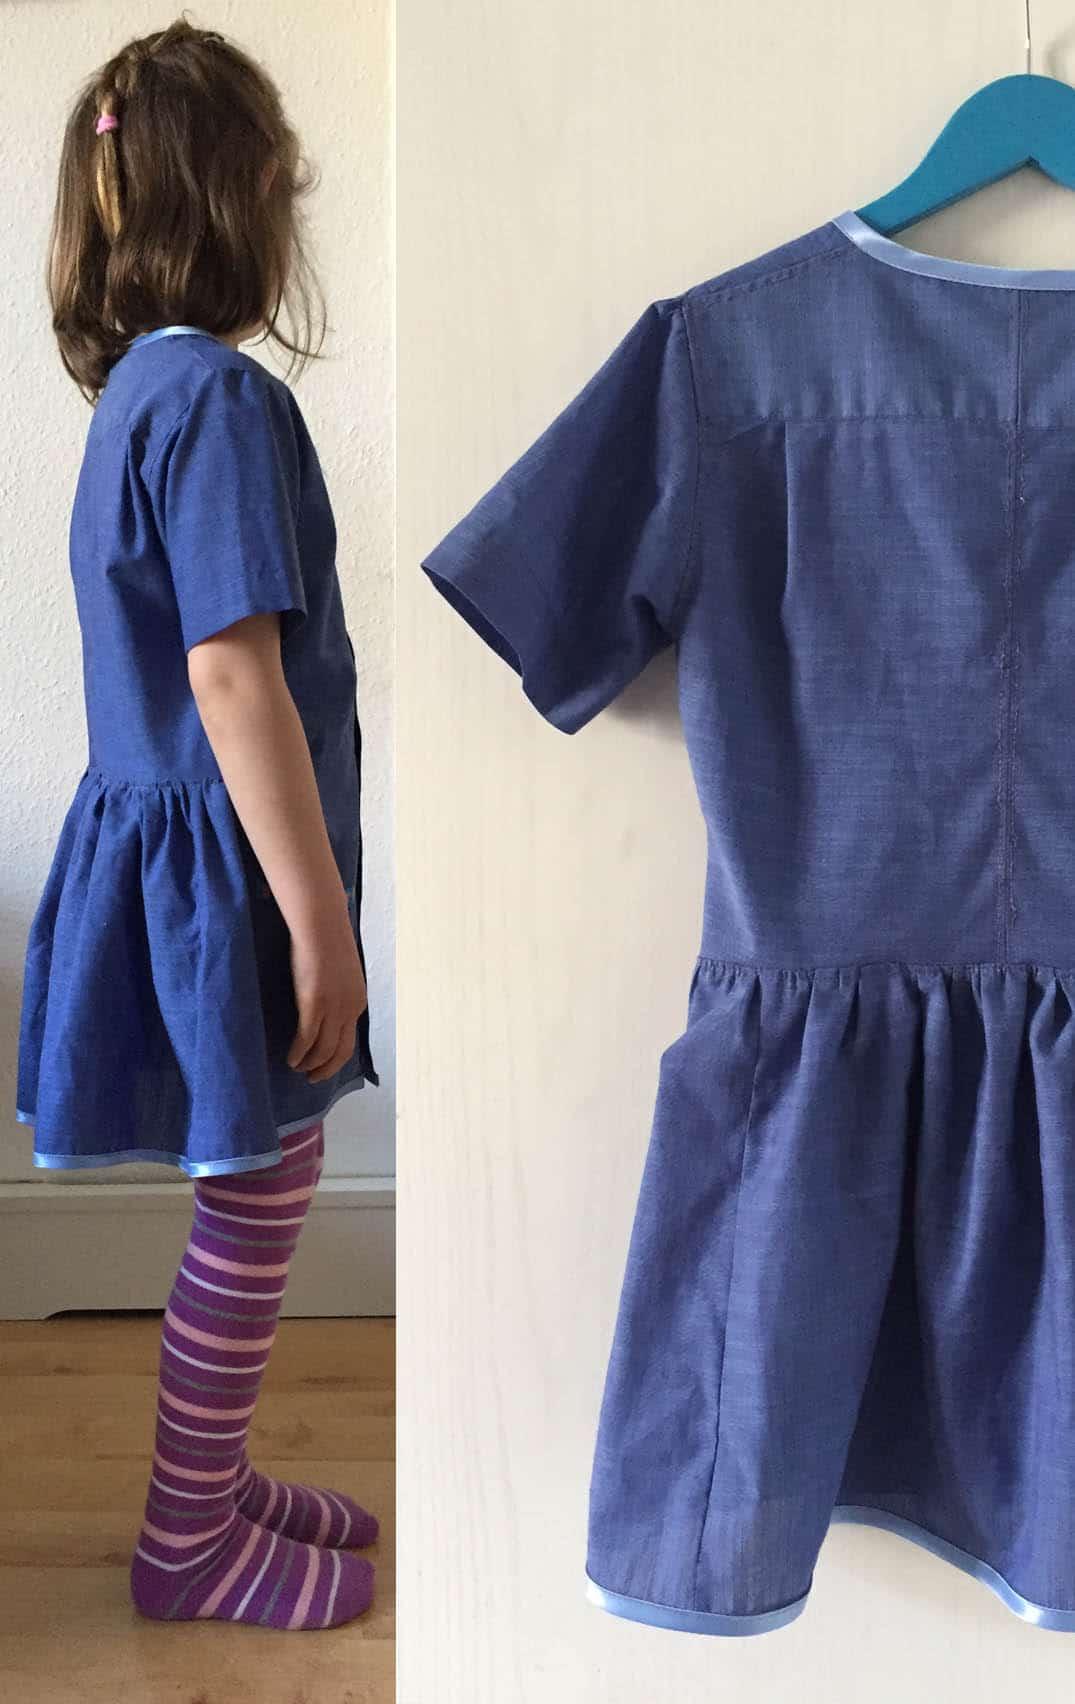 Ein Einfaches Kinderkleid Aus Einem Herrenhemd Nähen Handmade Kultur